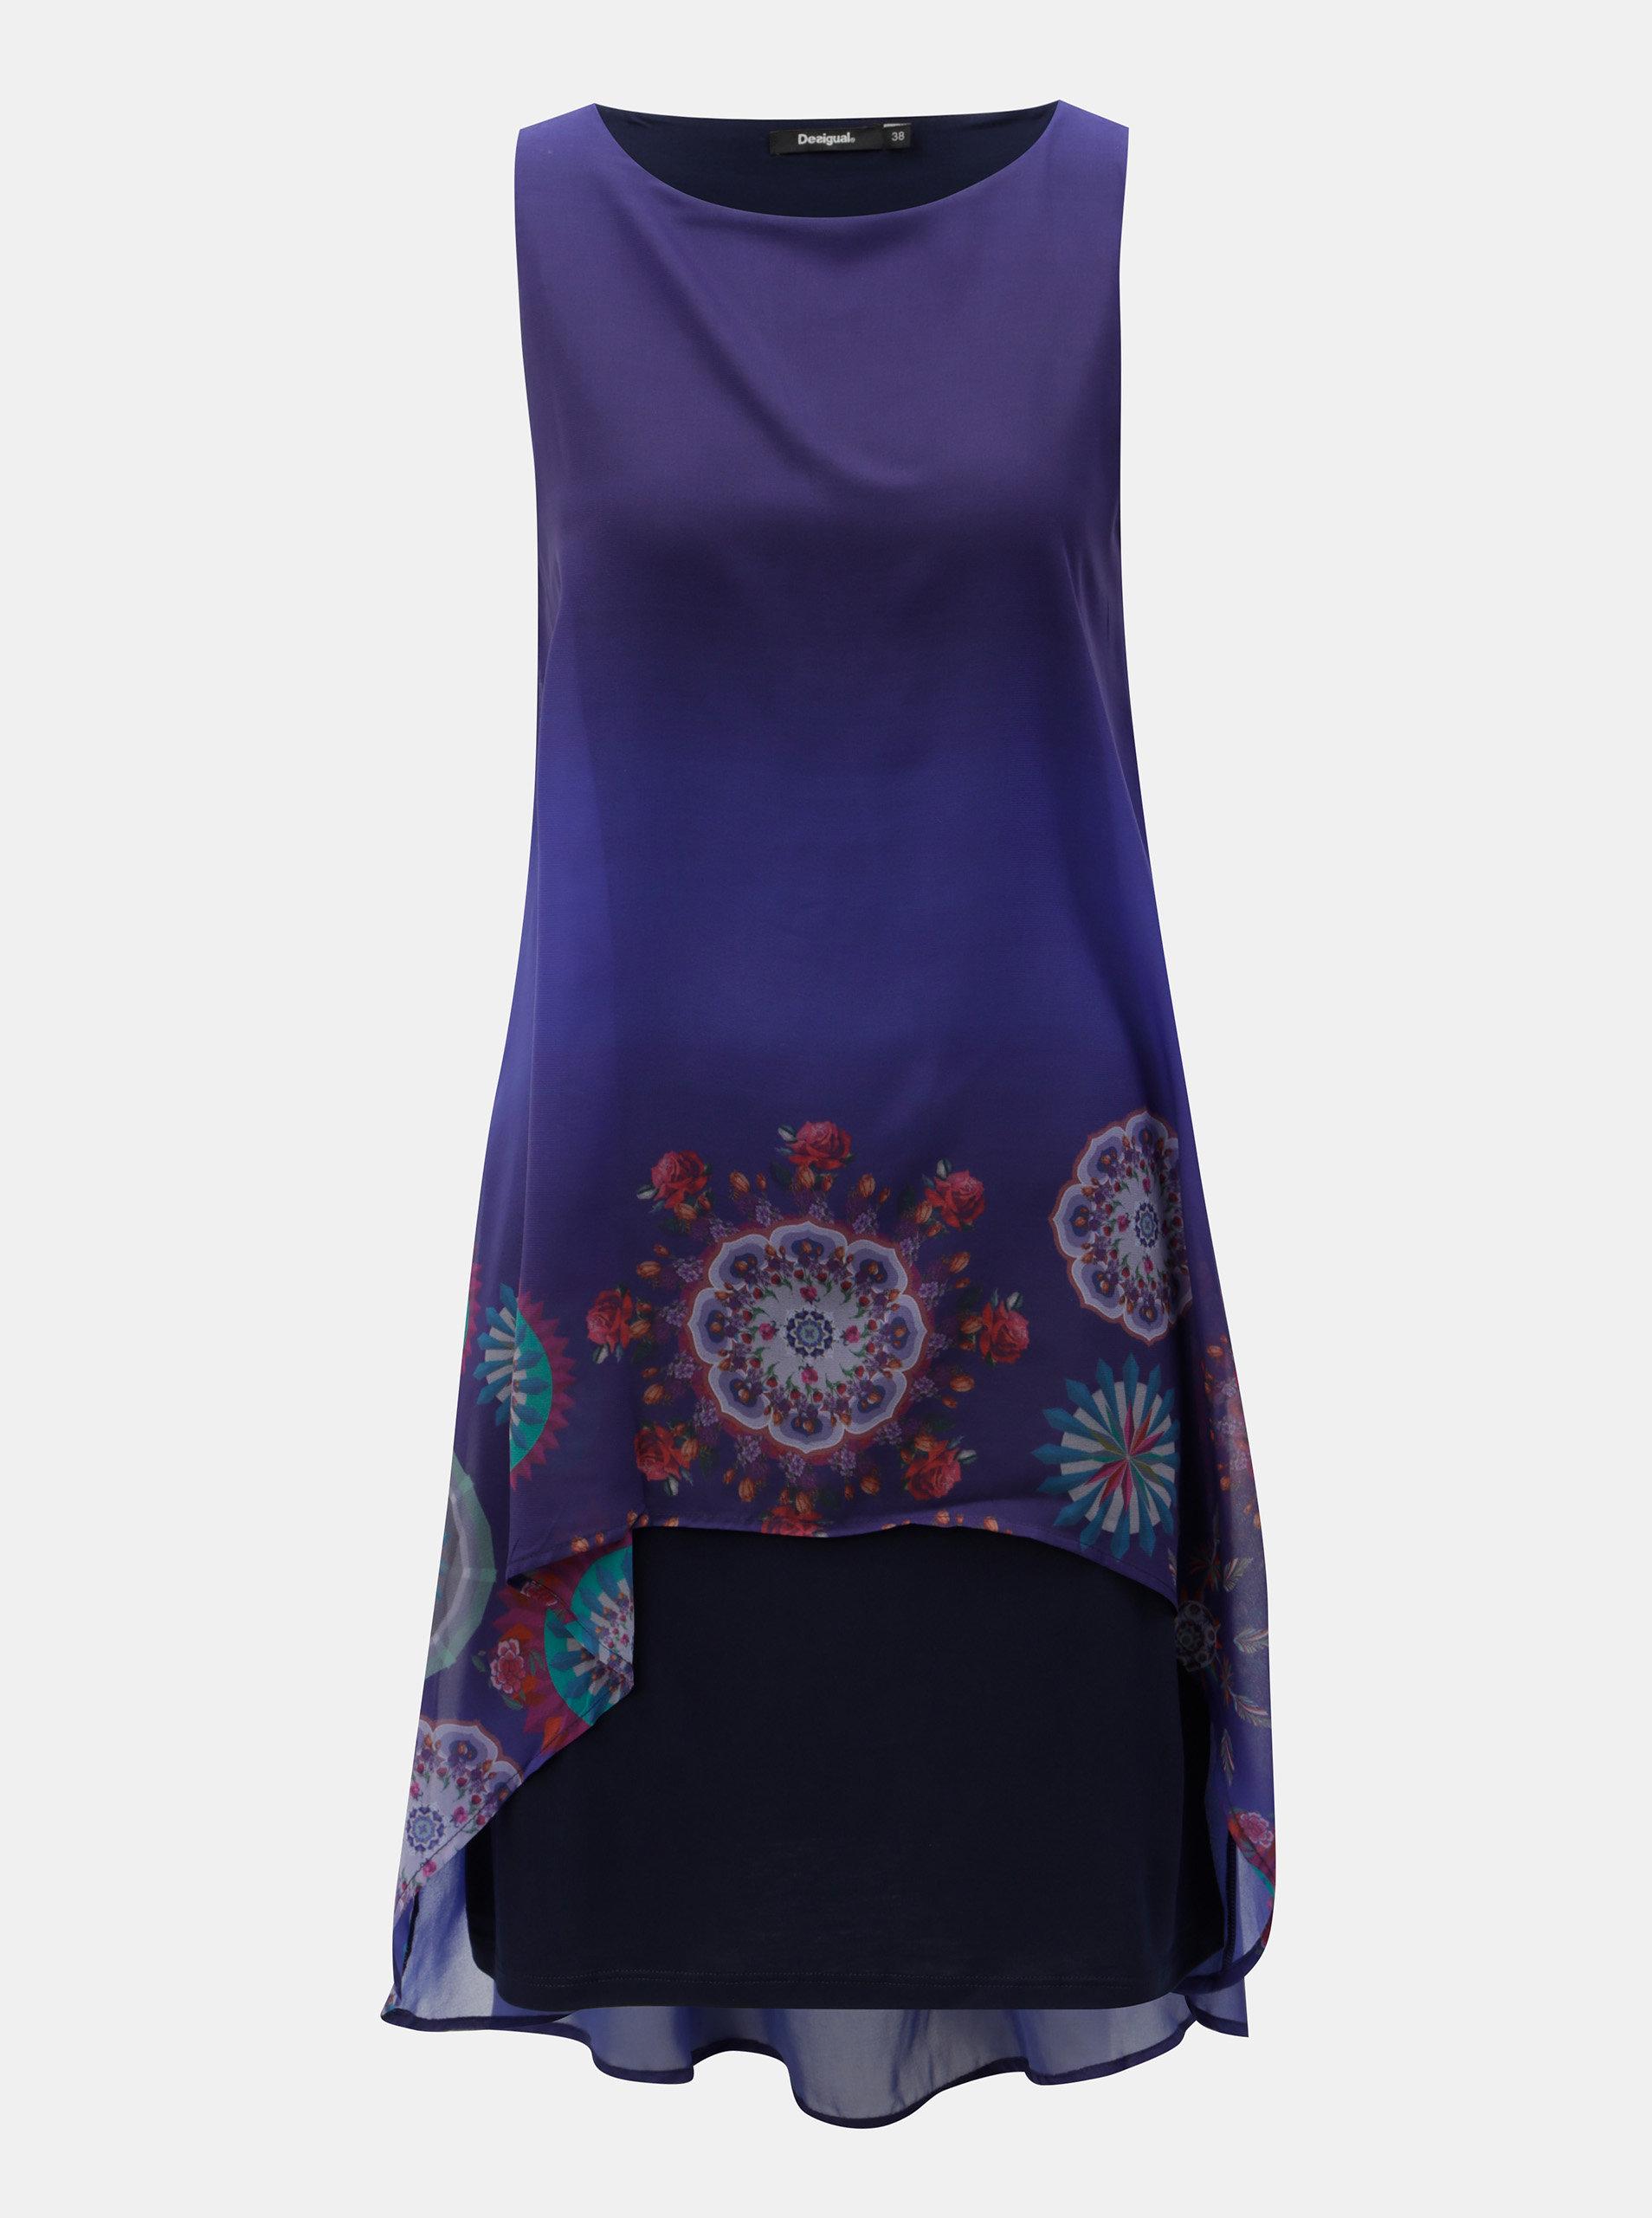 Fialové šaty s prodlouženou zadní částí Desigual ... 658064808a0